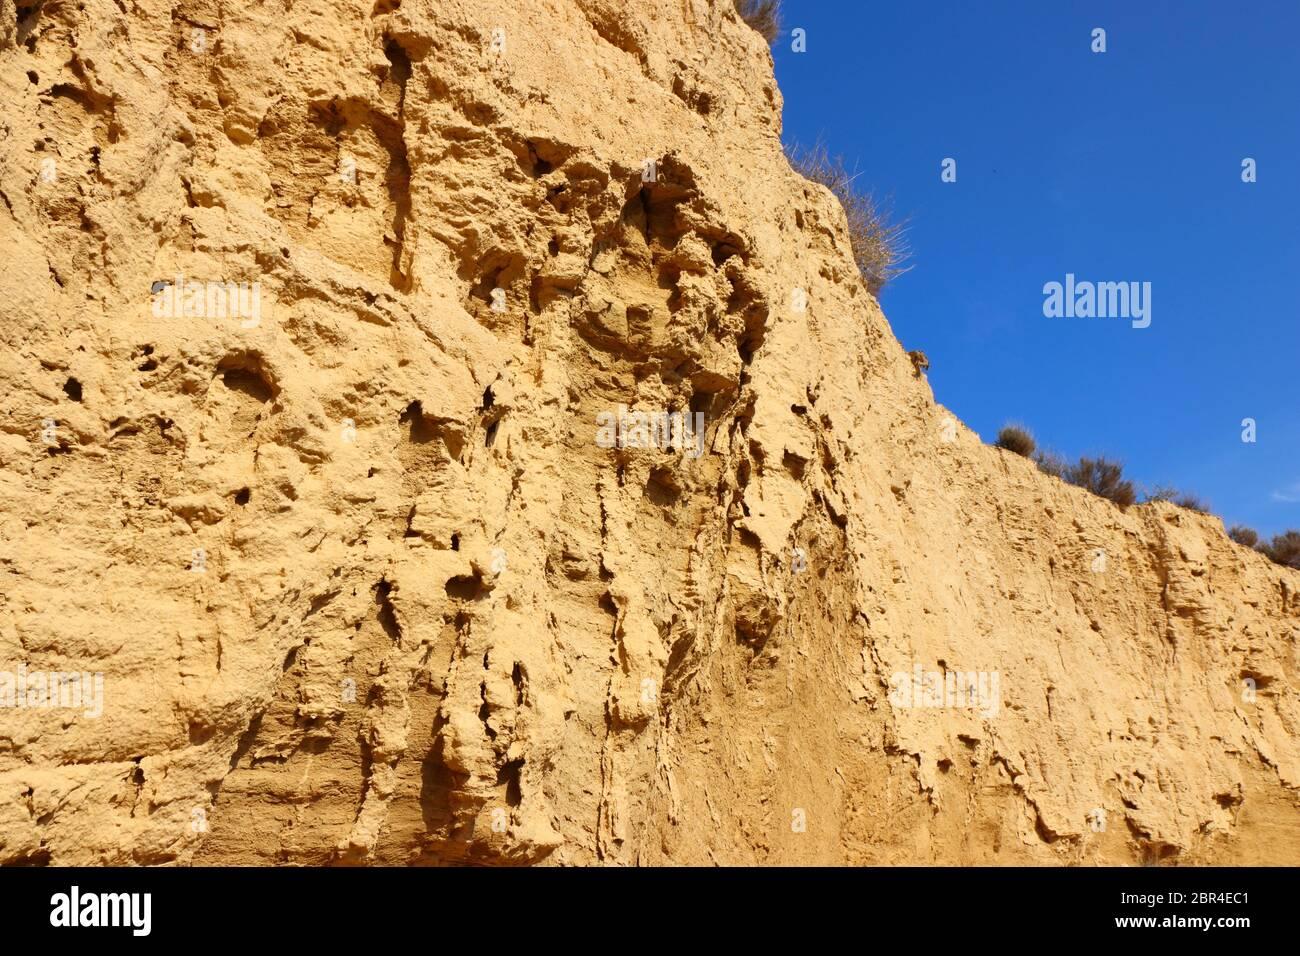 Primo piano di sedimenti e caratteristiche erosionali nella regione naturale semi-desertica Bardenas Reales, UNESCO Biosfera Reserve, Navarra, Spagna Foto Stock